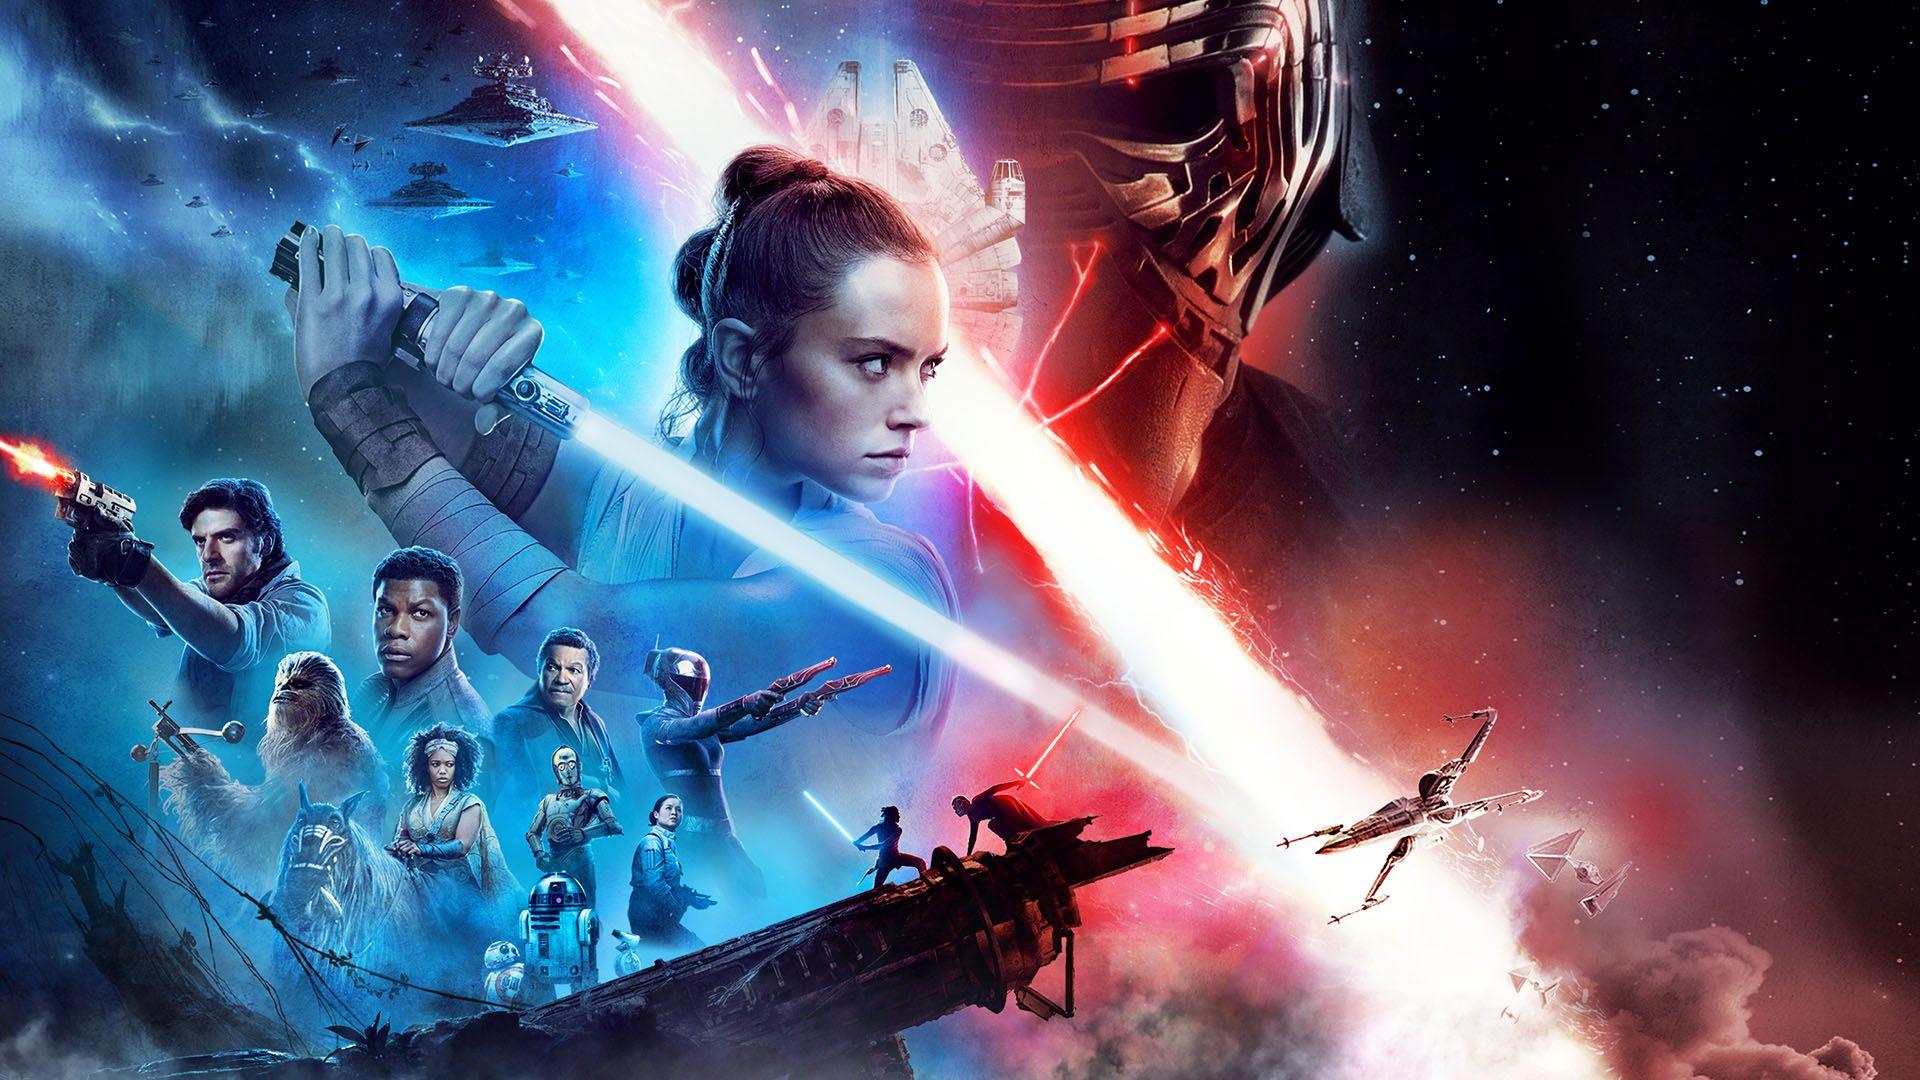 L'Ascension de Skywalker, la fin d'une saga et le début du nouvel ère